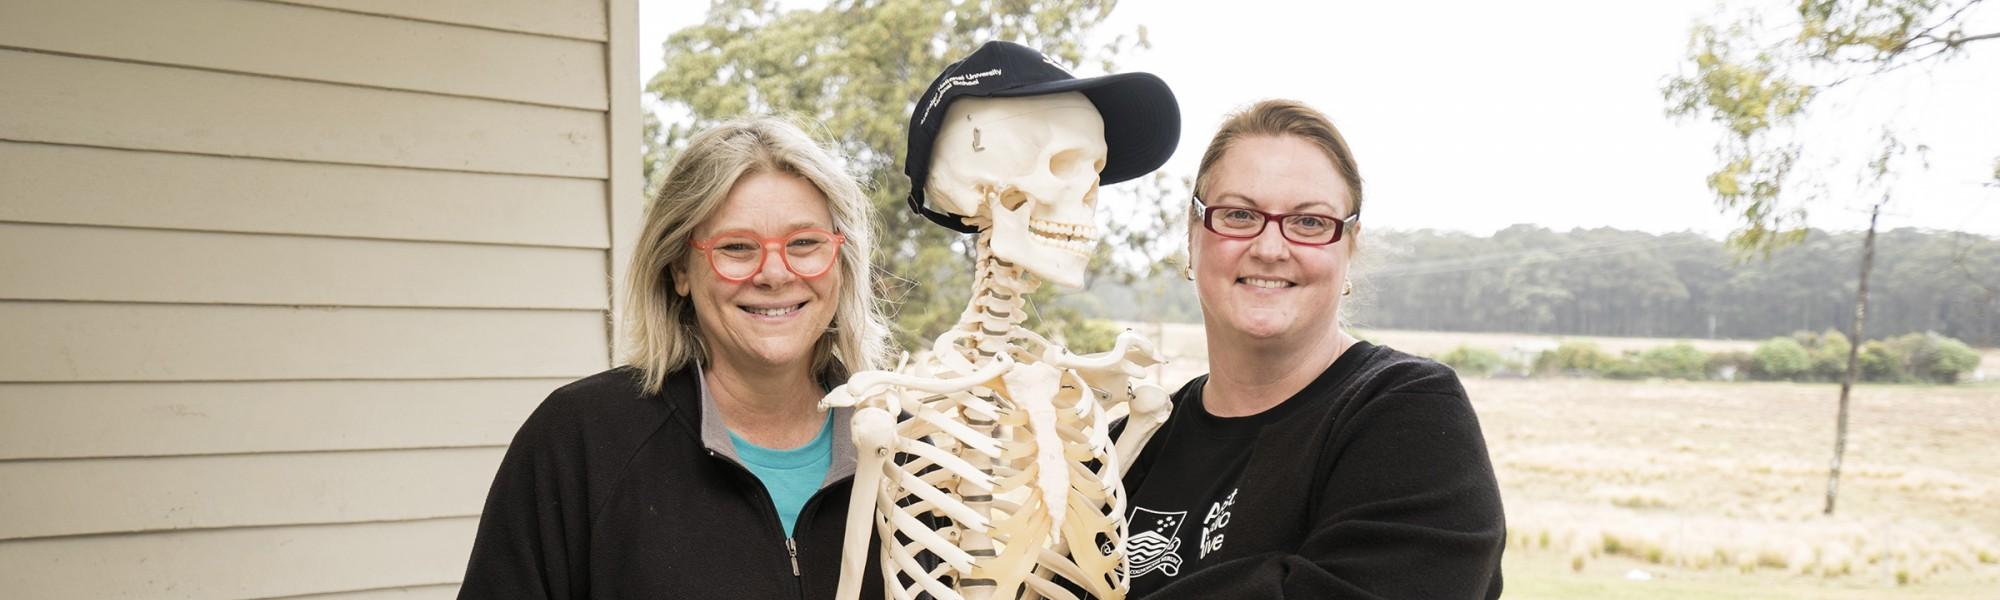 Academics next to teaching skeleton.